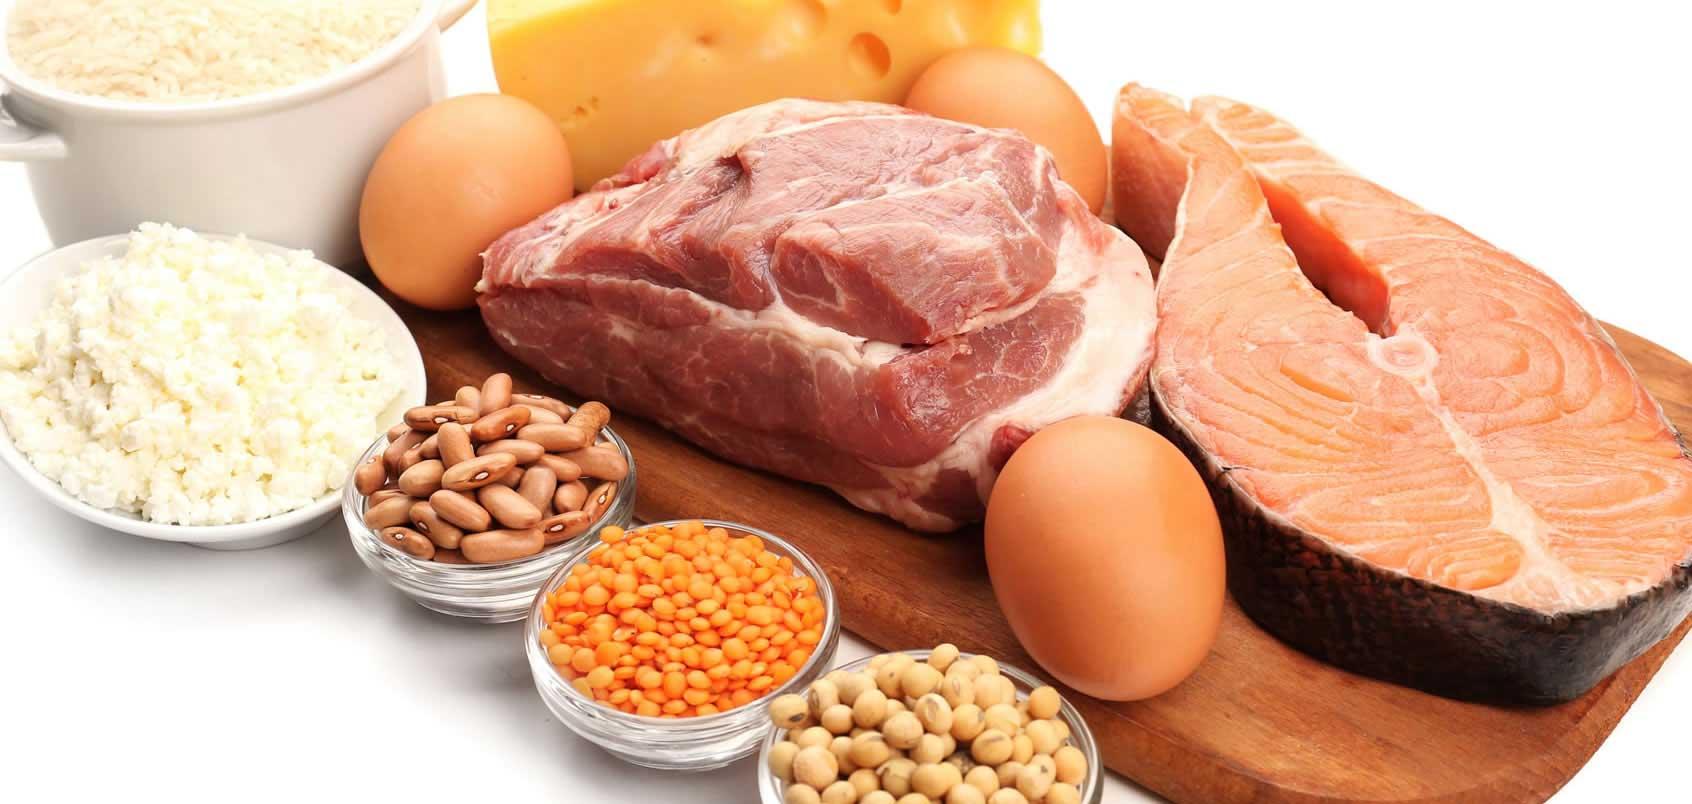 Proteína em excesso pode fazer mal; saiba por que